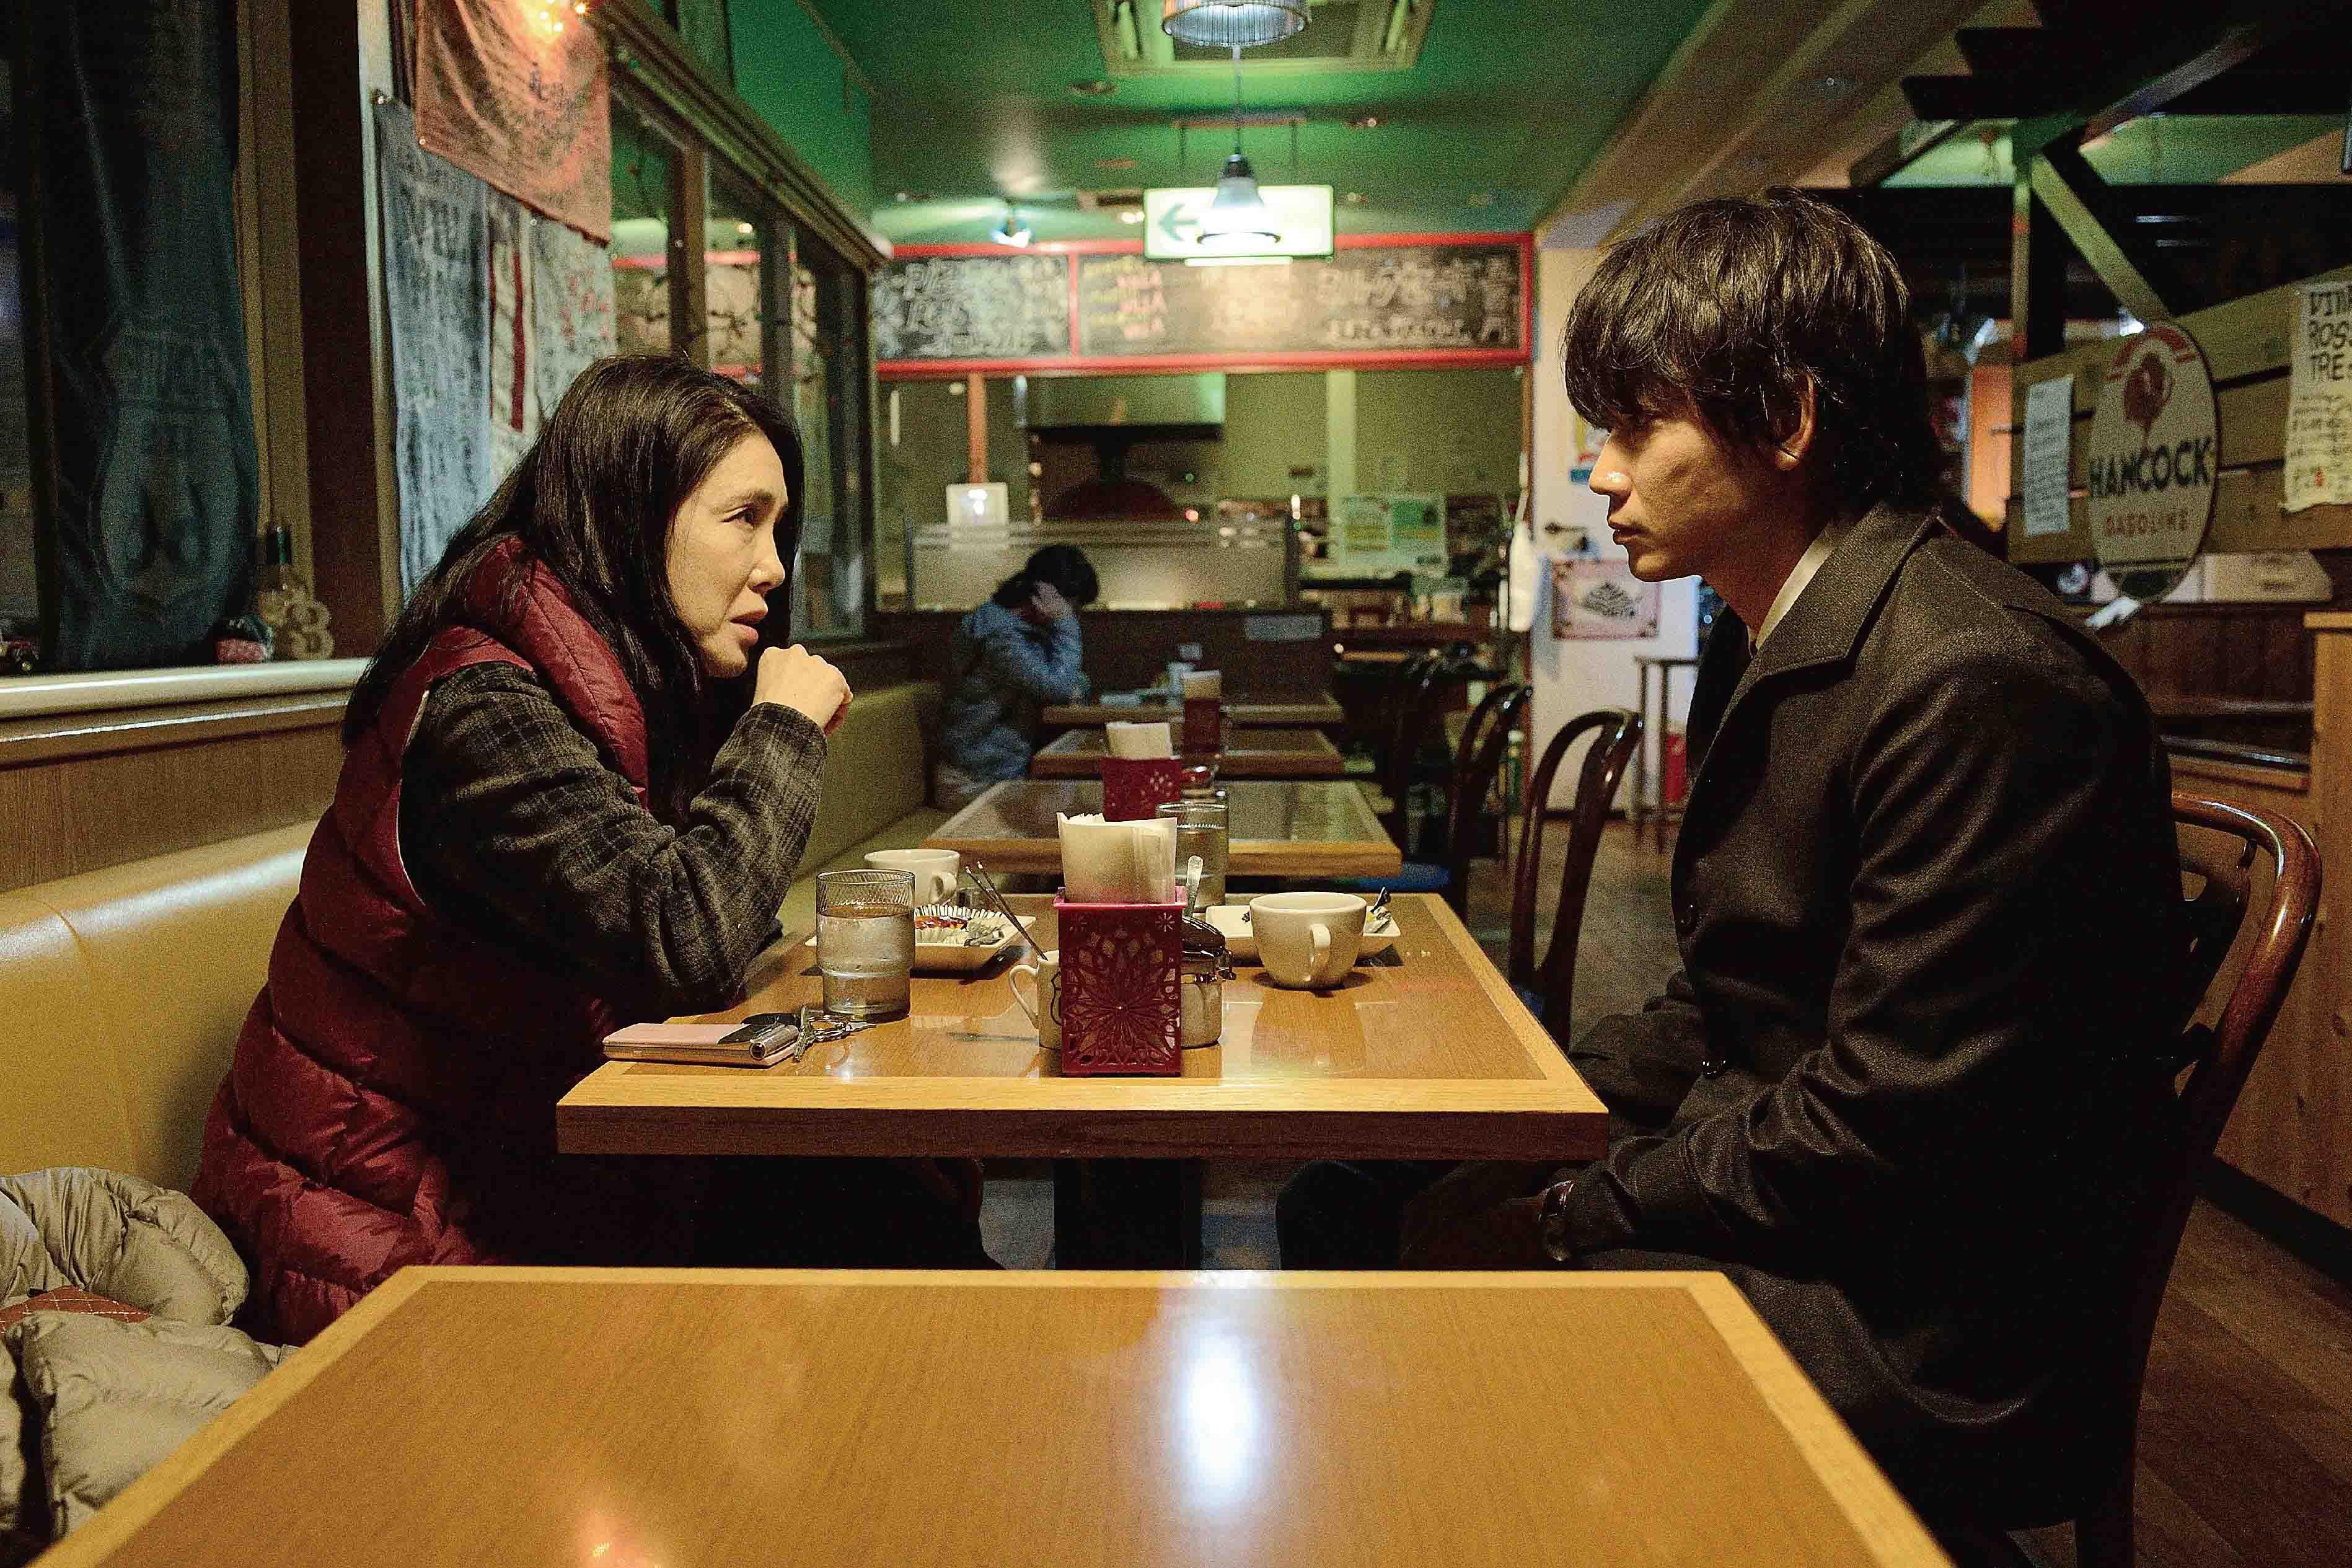 綾野剛(右)和松田龍平的驚人魅力,也讓夾在兩人中間的旁觀者筒井真理子(左)直呼受不了,「綾野剛變得越來越可愛了,看到他常常讓我心跳加速...」